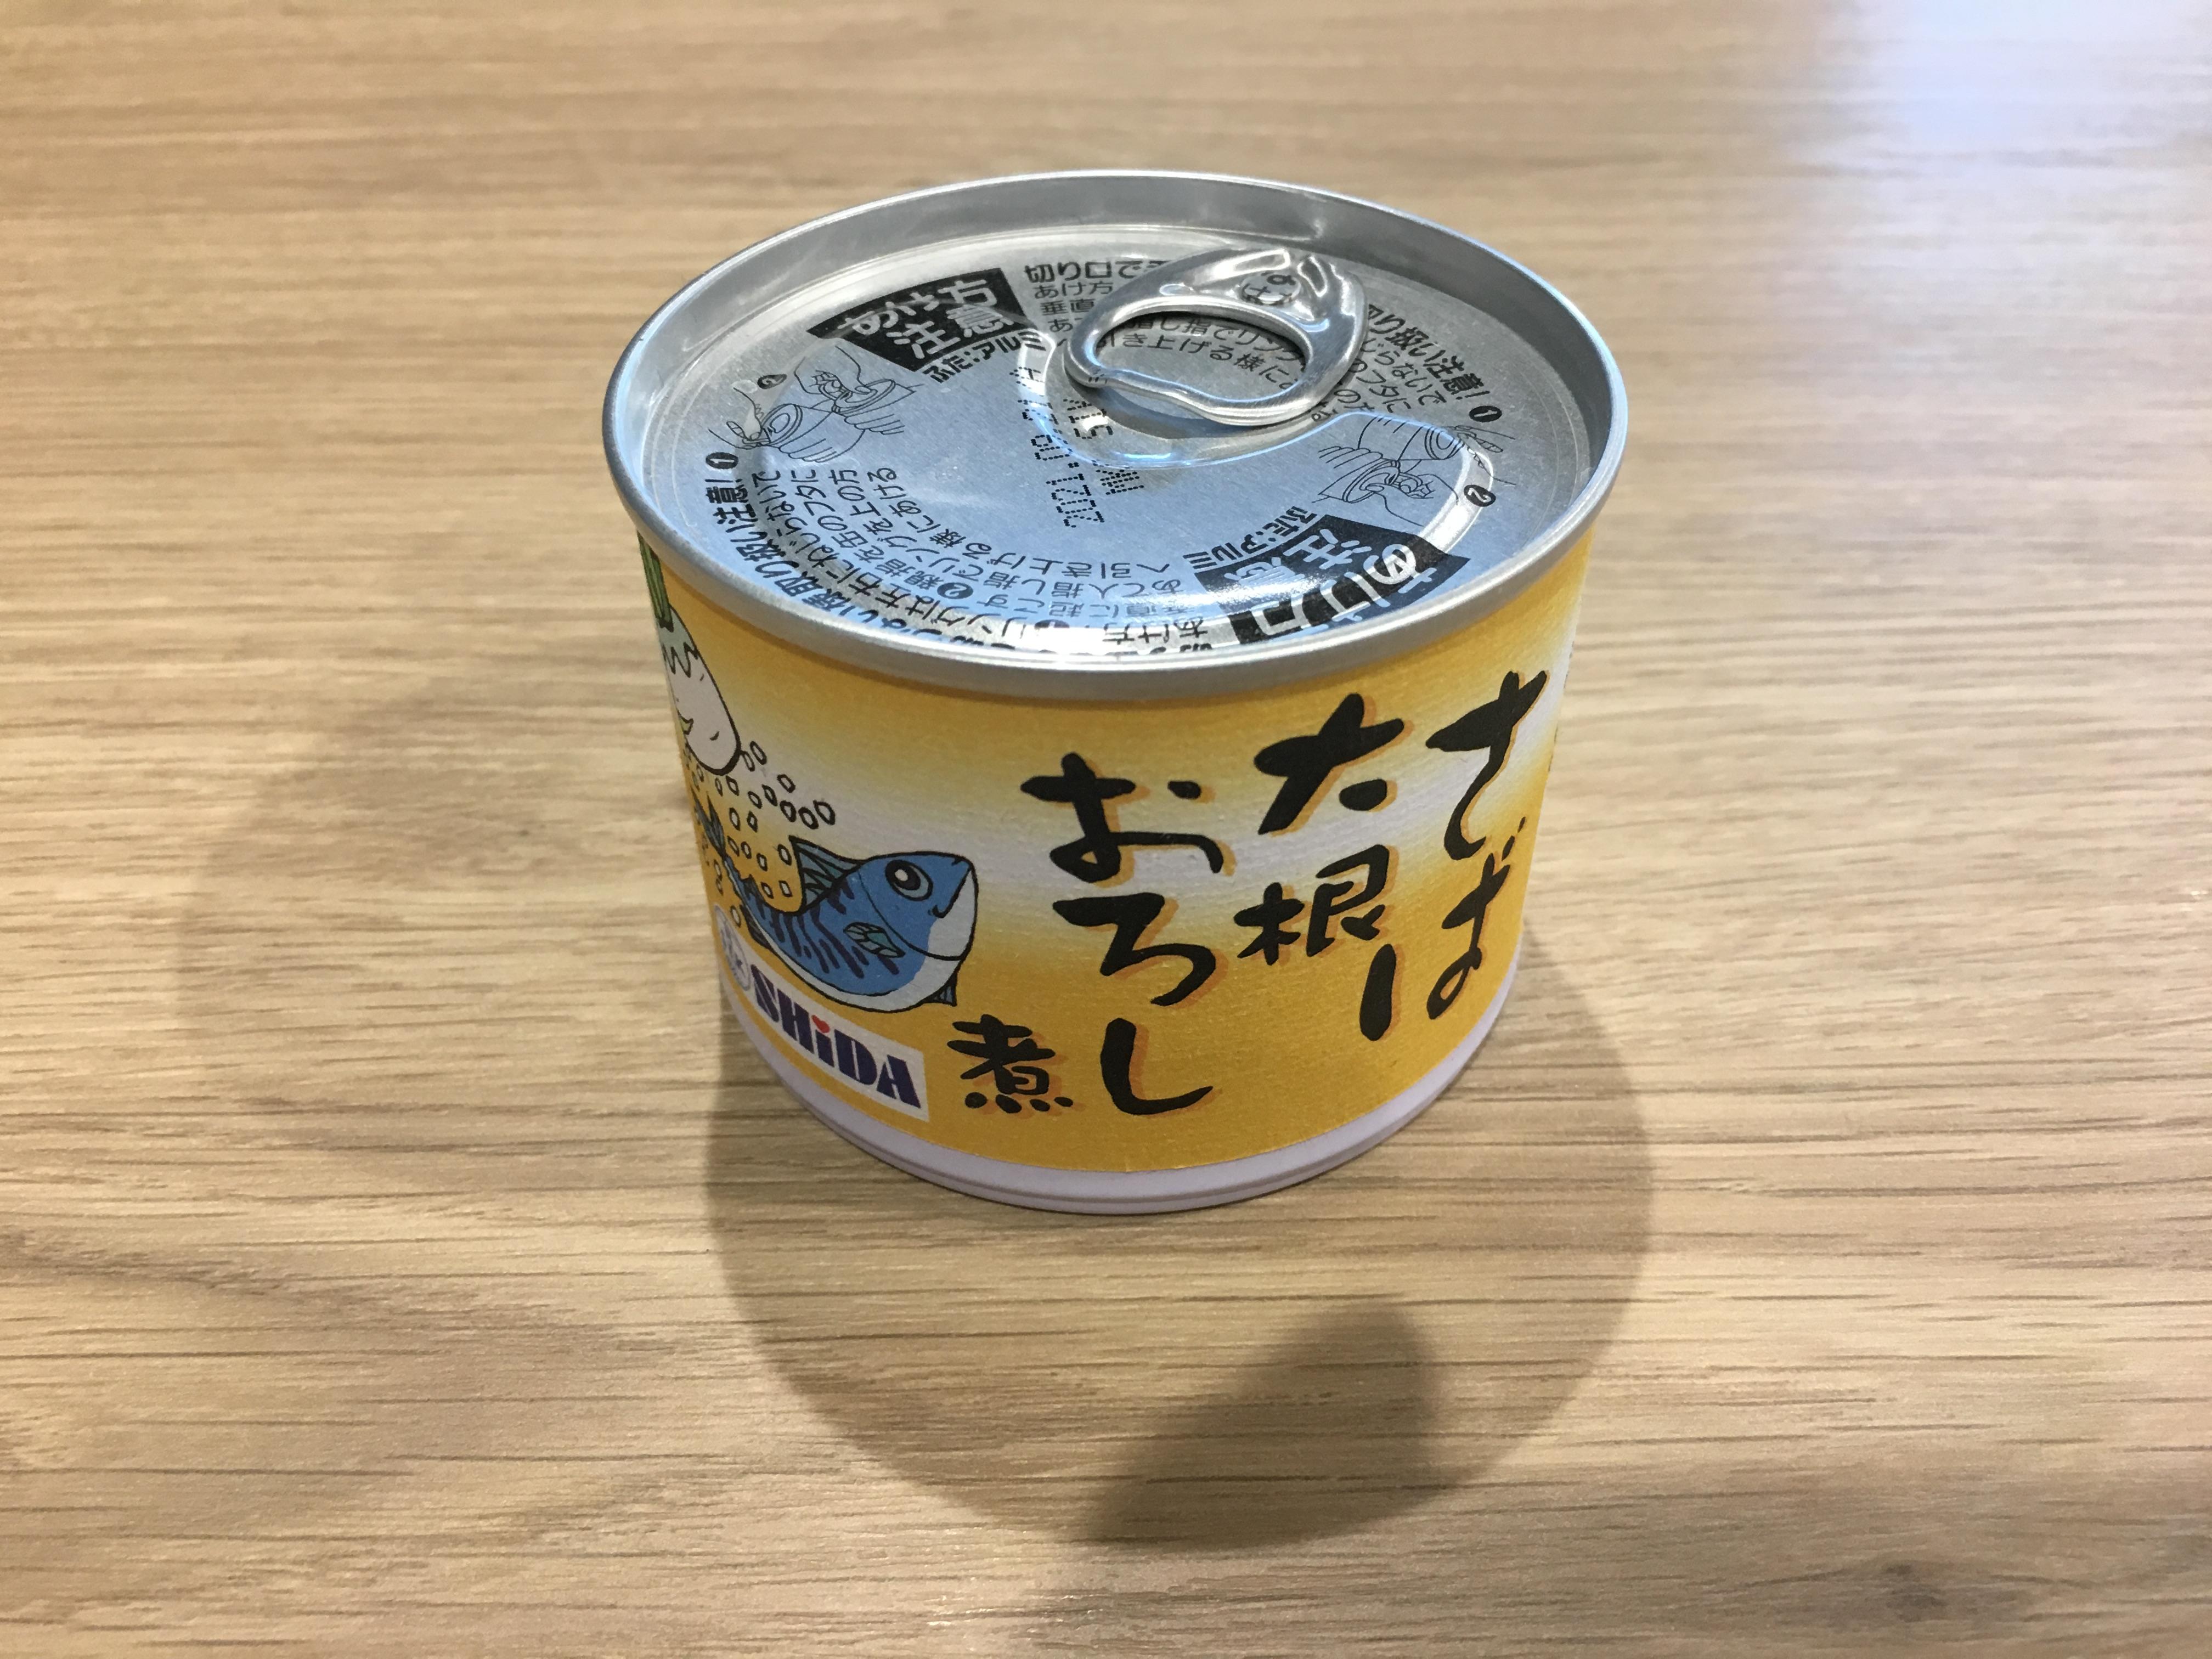 信田缶詰 さば 大根おろし煮